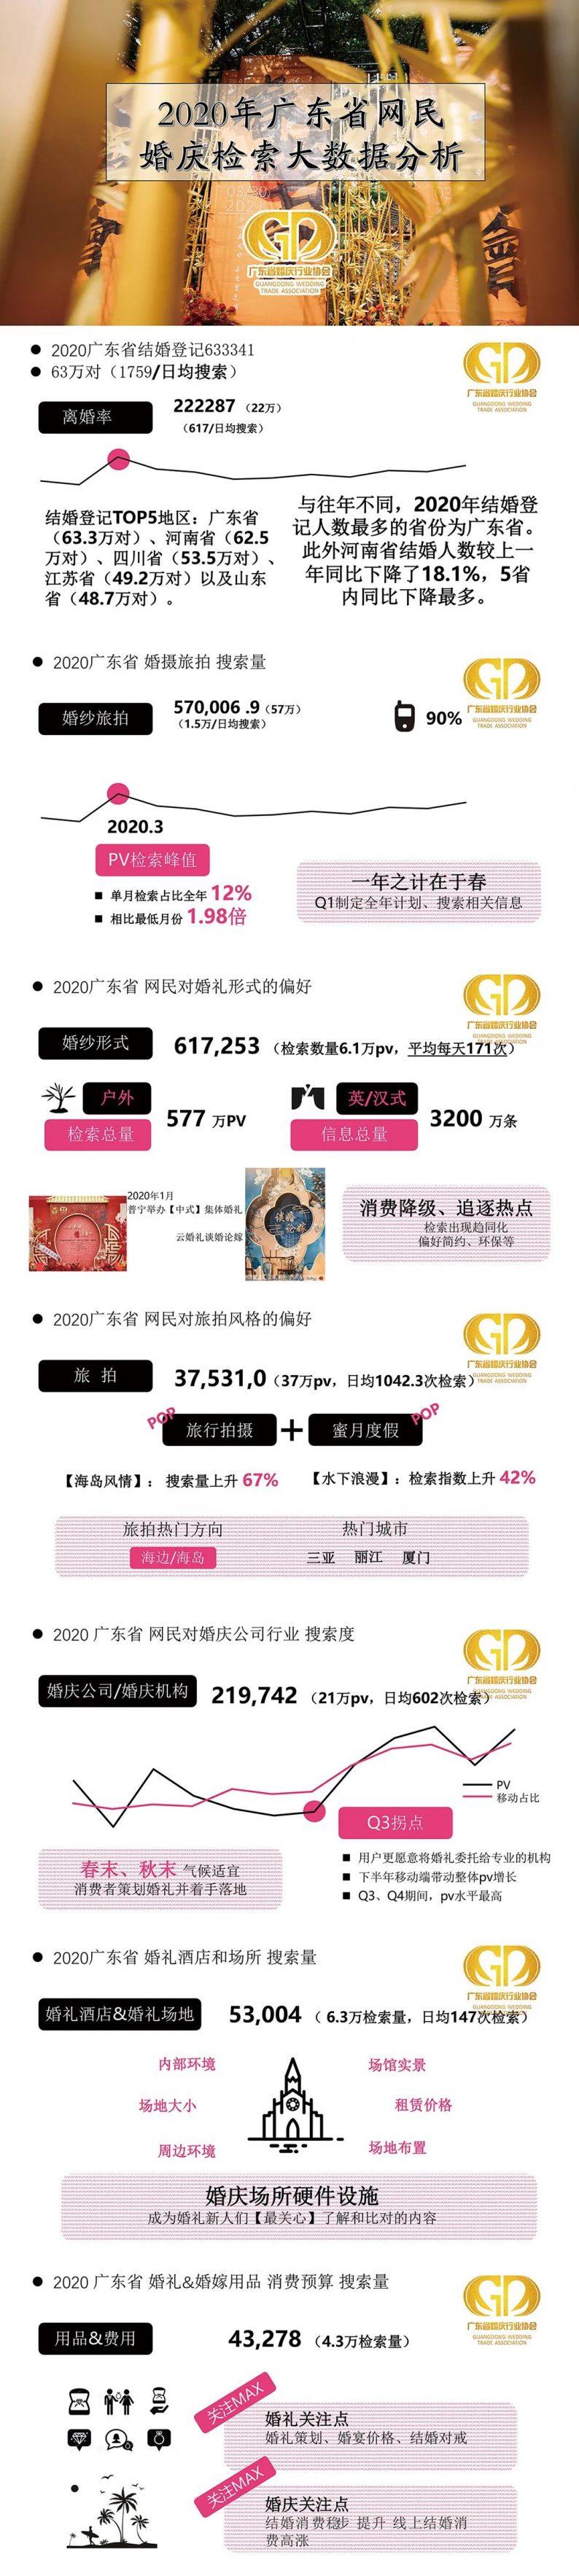 《2020广东婚庆检索大数据》